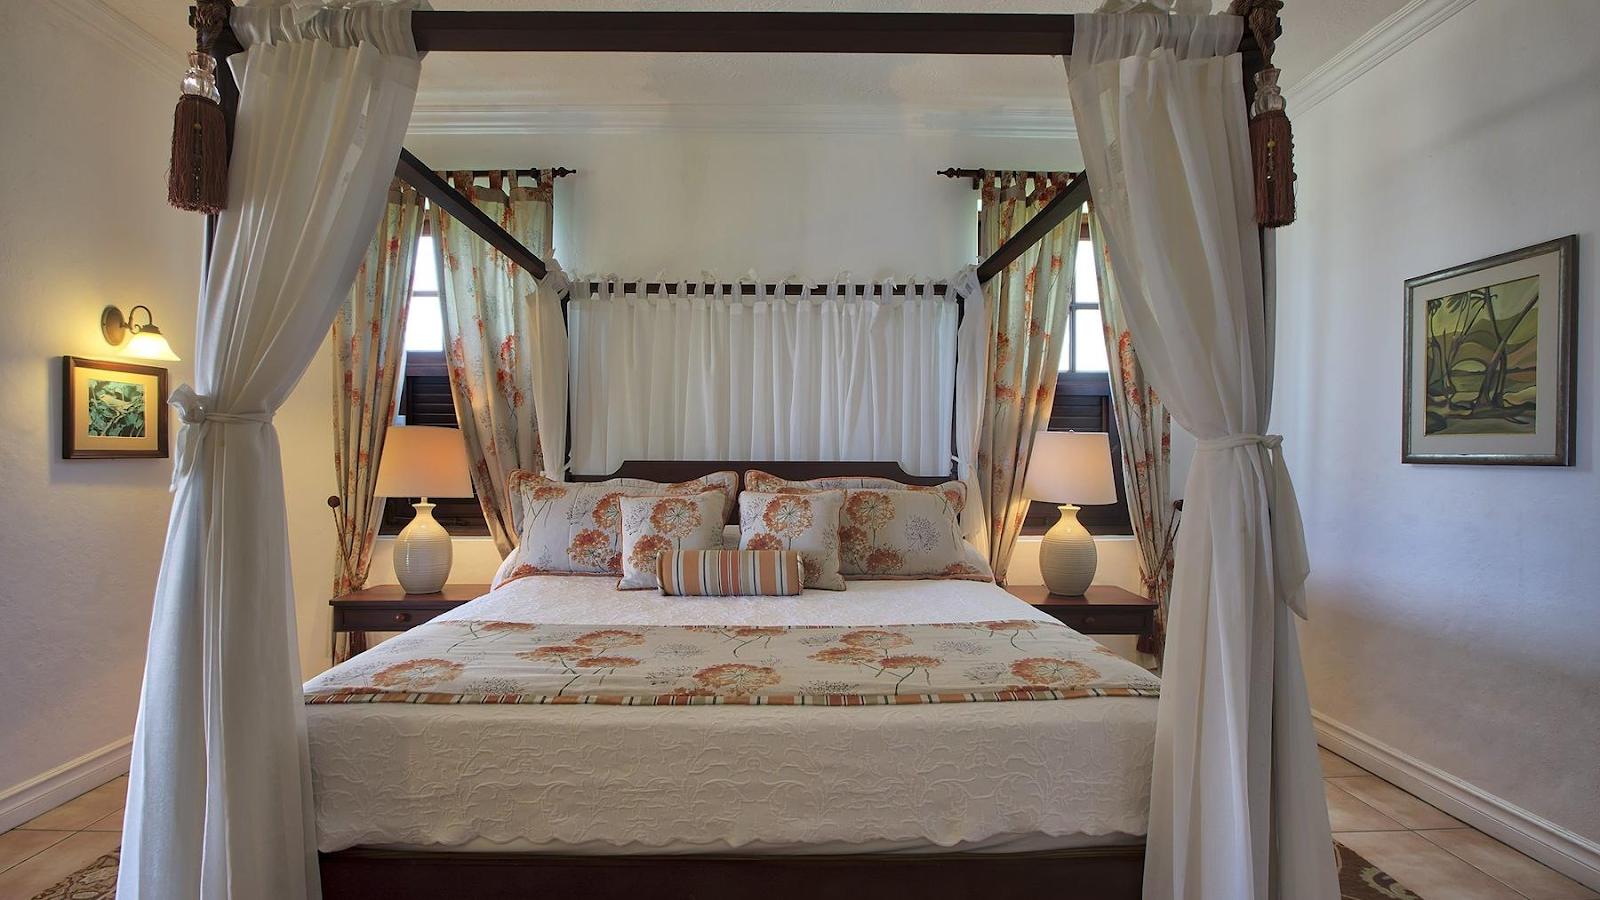 Vị trí giường hợp phong thủy sẽ mang đến giấc ngủ sâu hơn